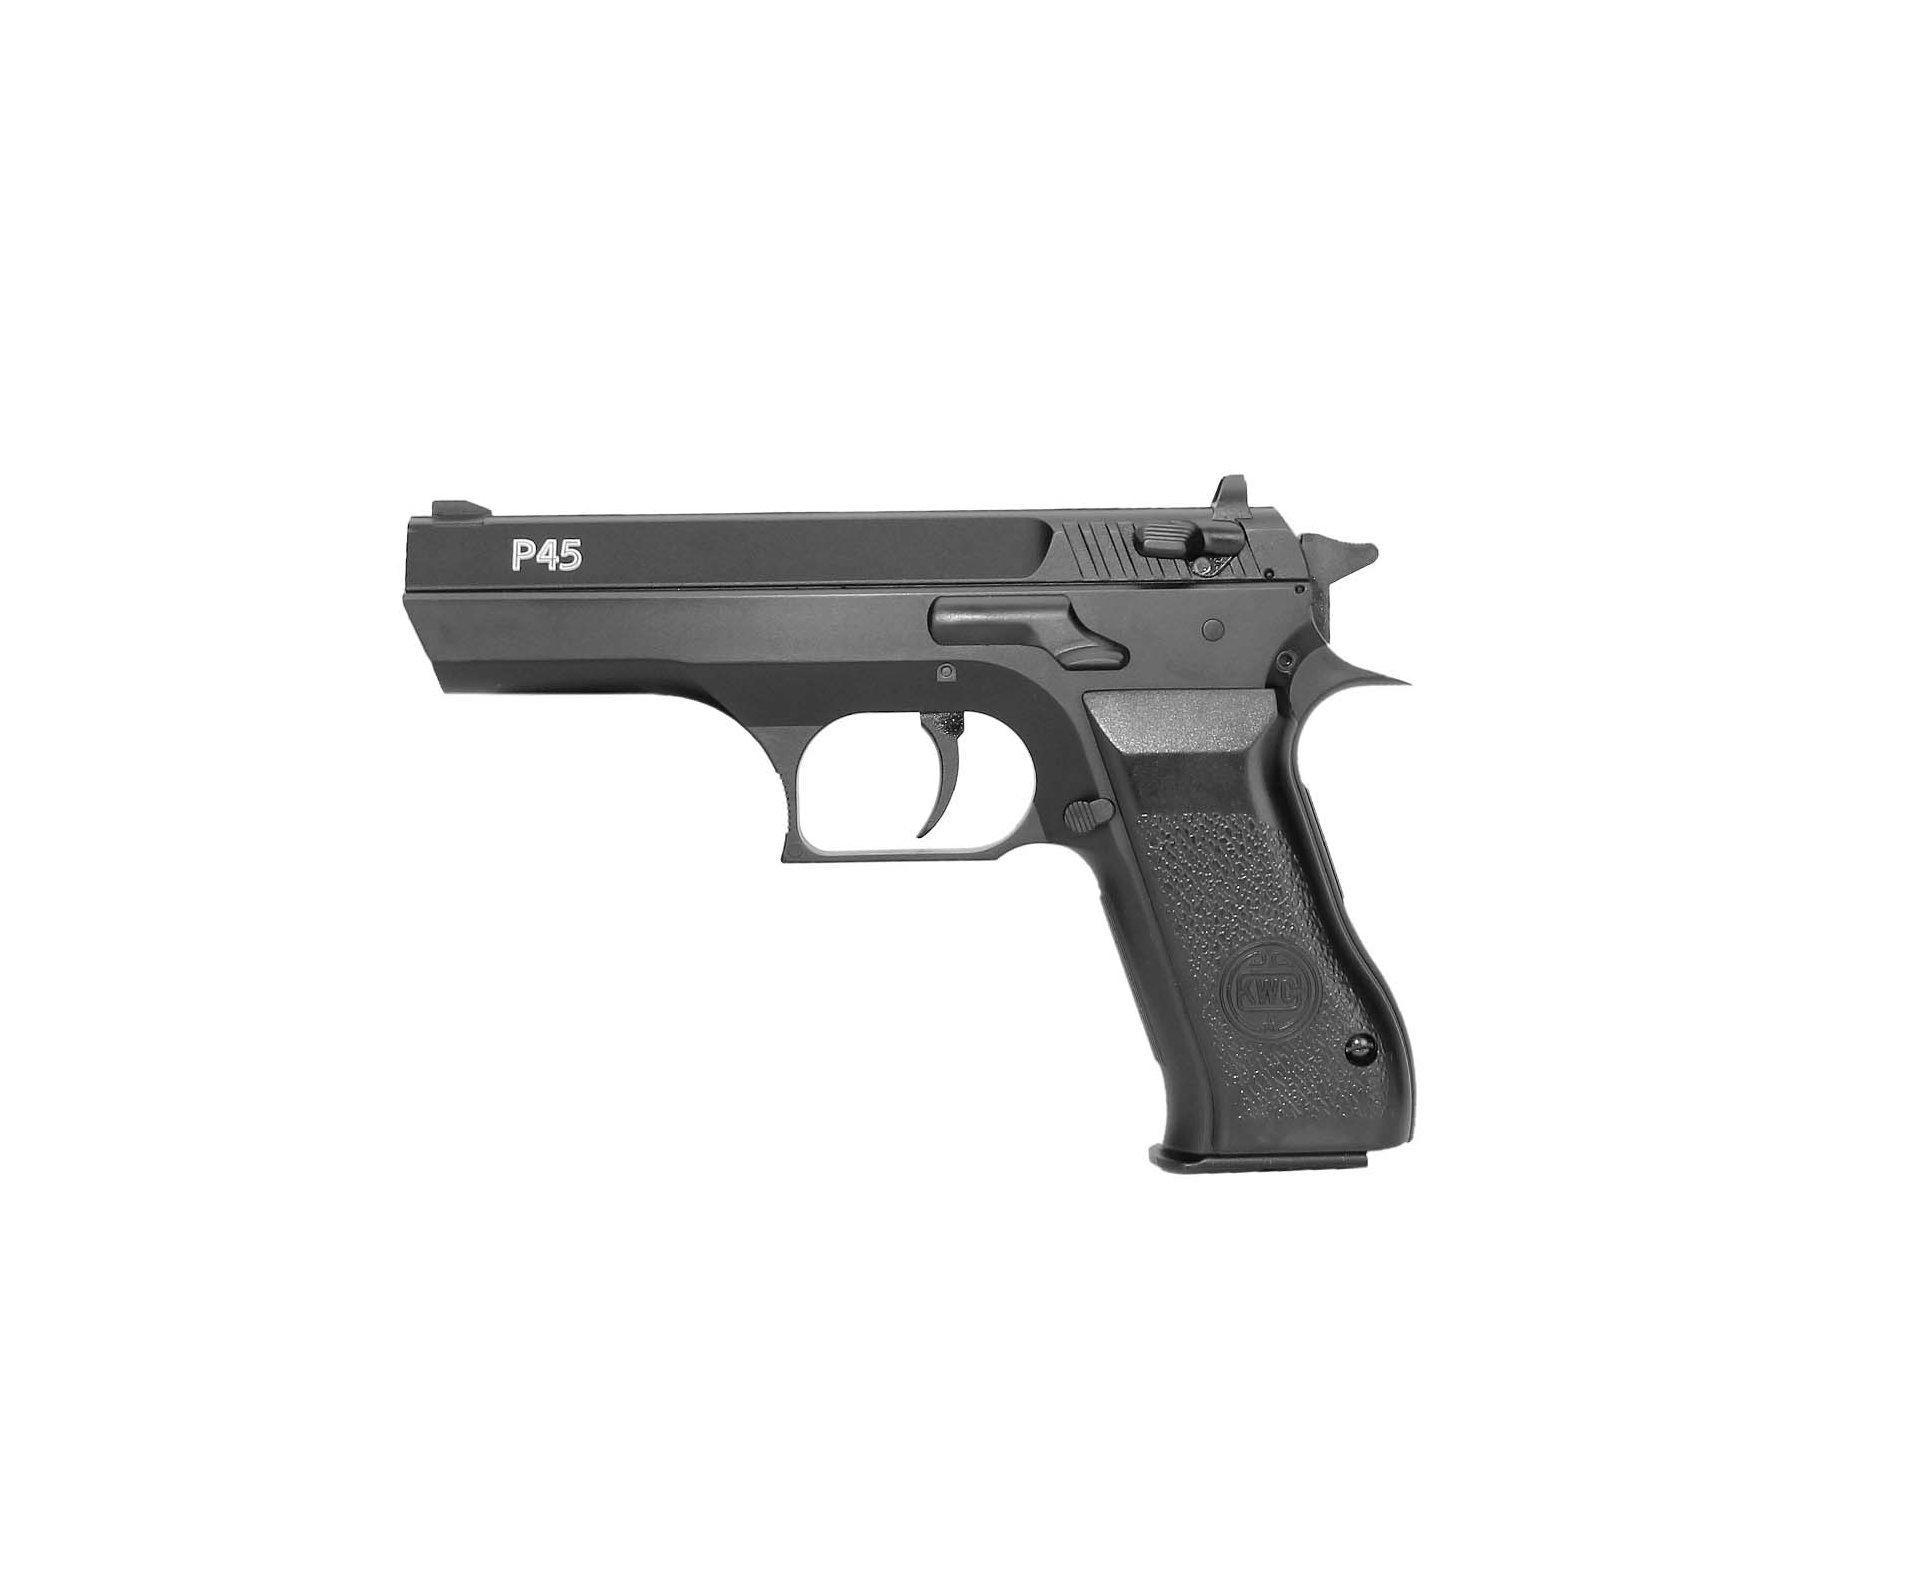 Pistola De Pressão Pcp Kwc P45 Cal 4,5mm Full Metal - Rossi